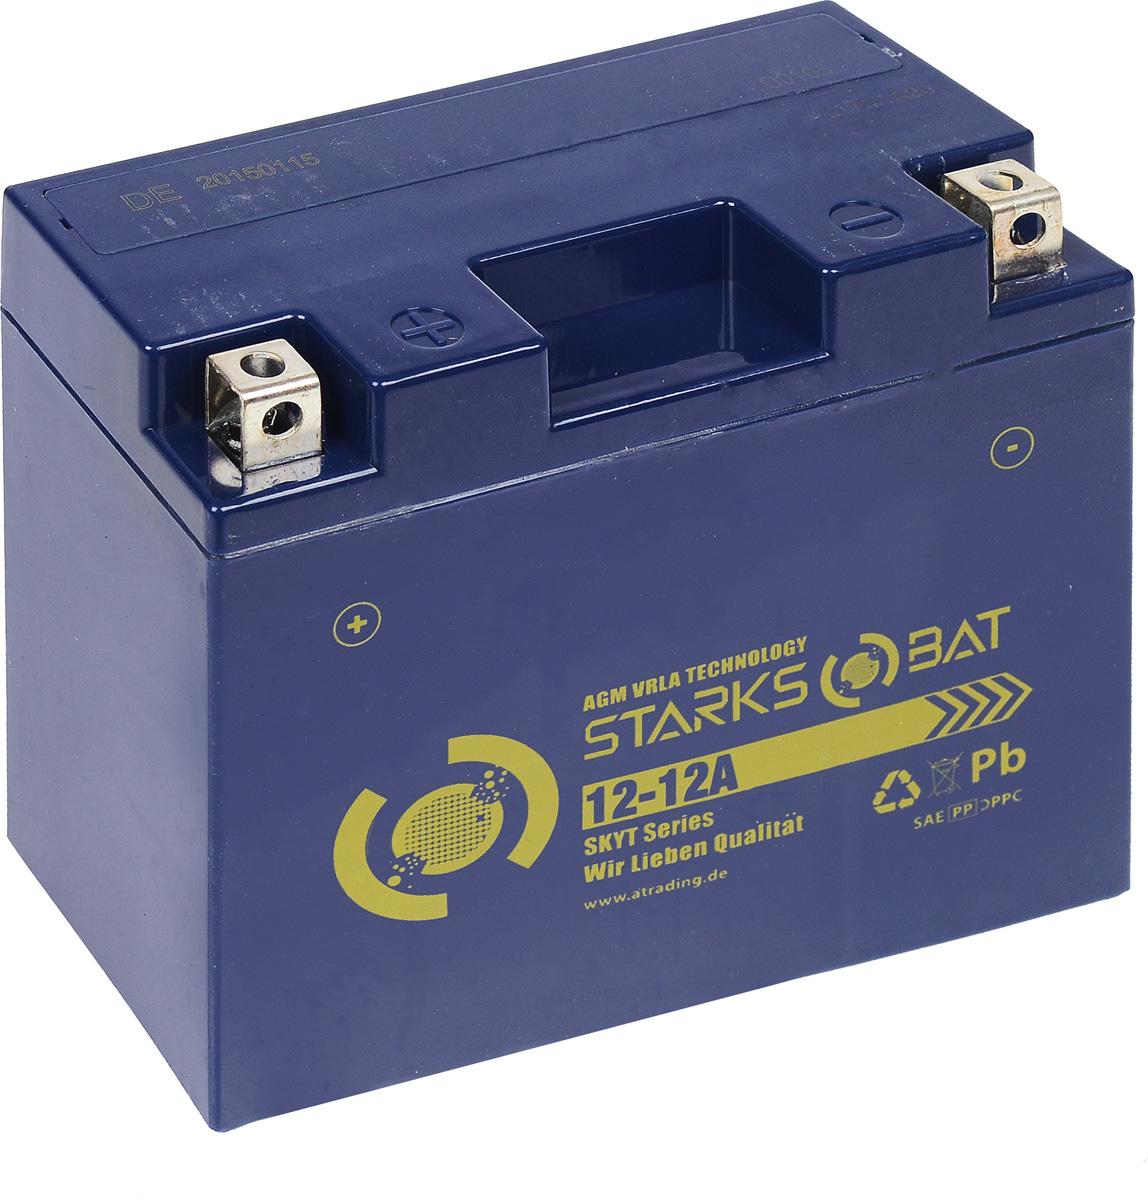 Батарея аккумуляторная для мотоциклов Starksbat. YT 12-12A (YT12B-BS)80621Аккумулятор Starksbat изготовлен по технологии AGM, обеспечивающей повышенный уровень безопасности батареи и удобство ее эксплуатации. Корпус выполнен из особо ударопрочного и морозостойкого полипропилена. Аккумулятор блестяще доказал свои высокие эксплуатационные свойства в самых экстремальных условиях бездорожья, высоких и низких температур.Аккумуляторная батарея Starksbat производится под знаменитым немецким контролем качества, что обеспечивает ему высокие пусковые характеристики и восстановление емкости даже после глубокого разряда.Напряжение: 12 В.Емкость: 12 Ач.Полярность: прямая (+ -).Ток холодной прокрутки: 155 Аh (EN).